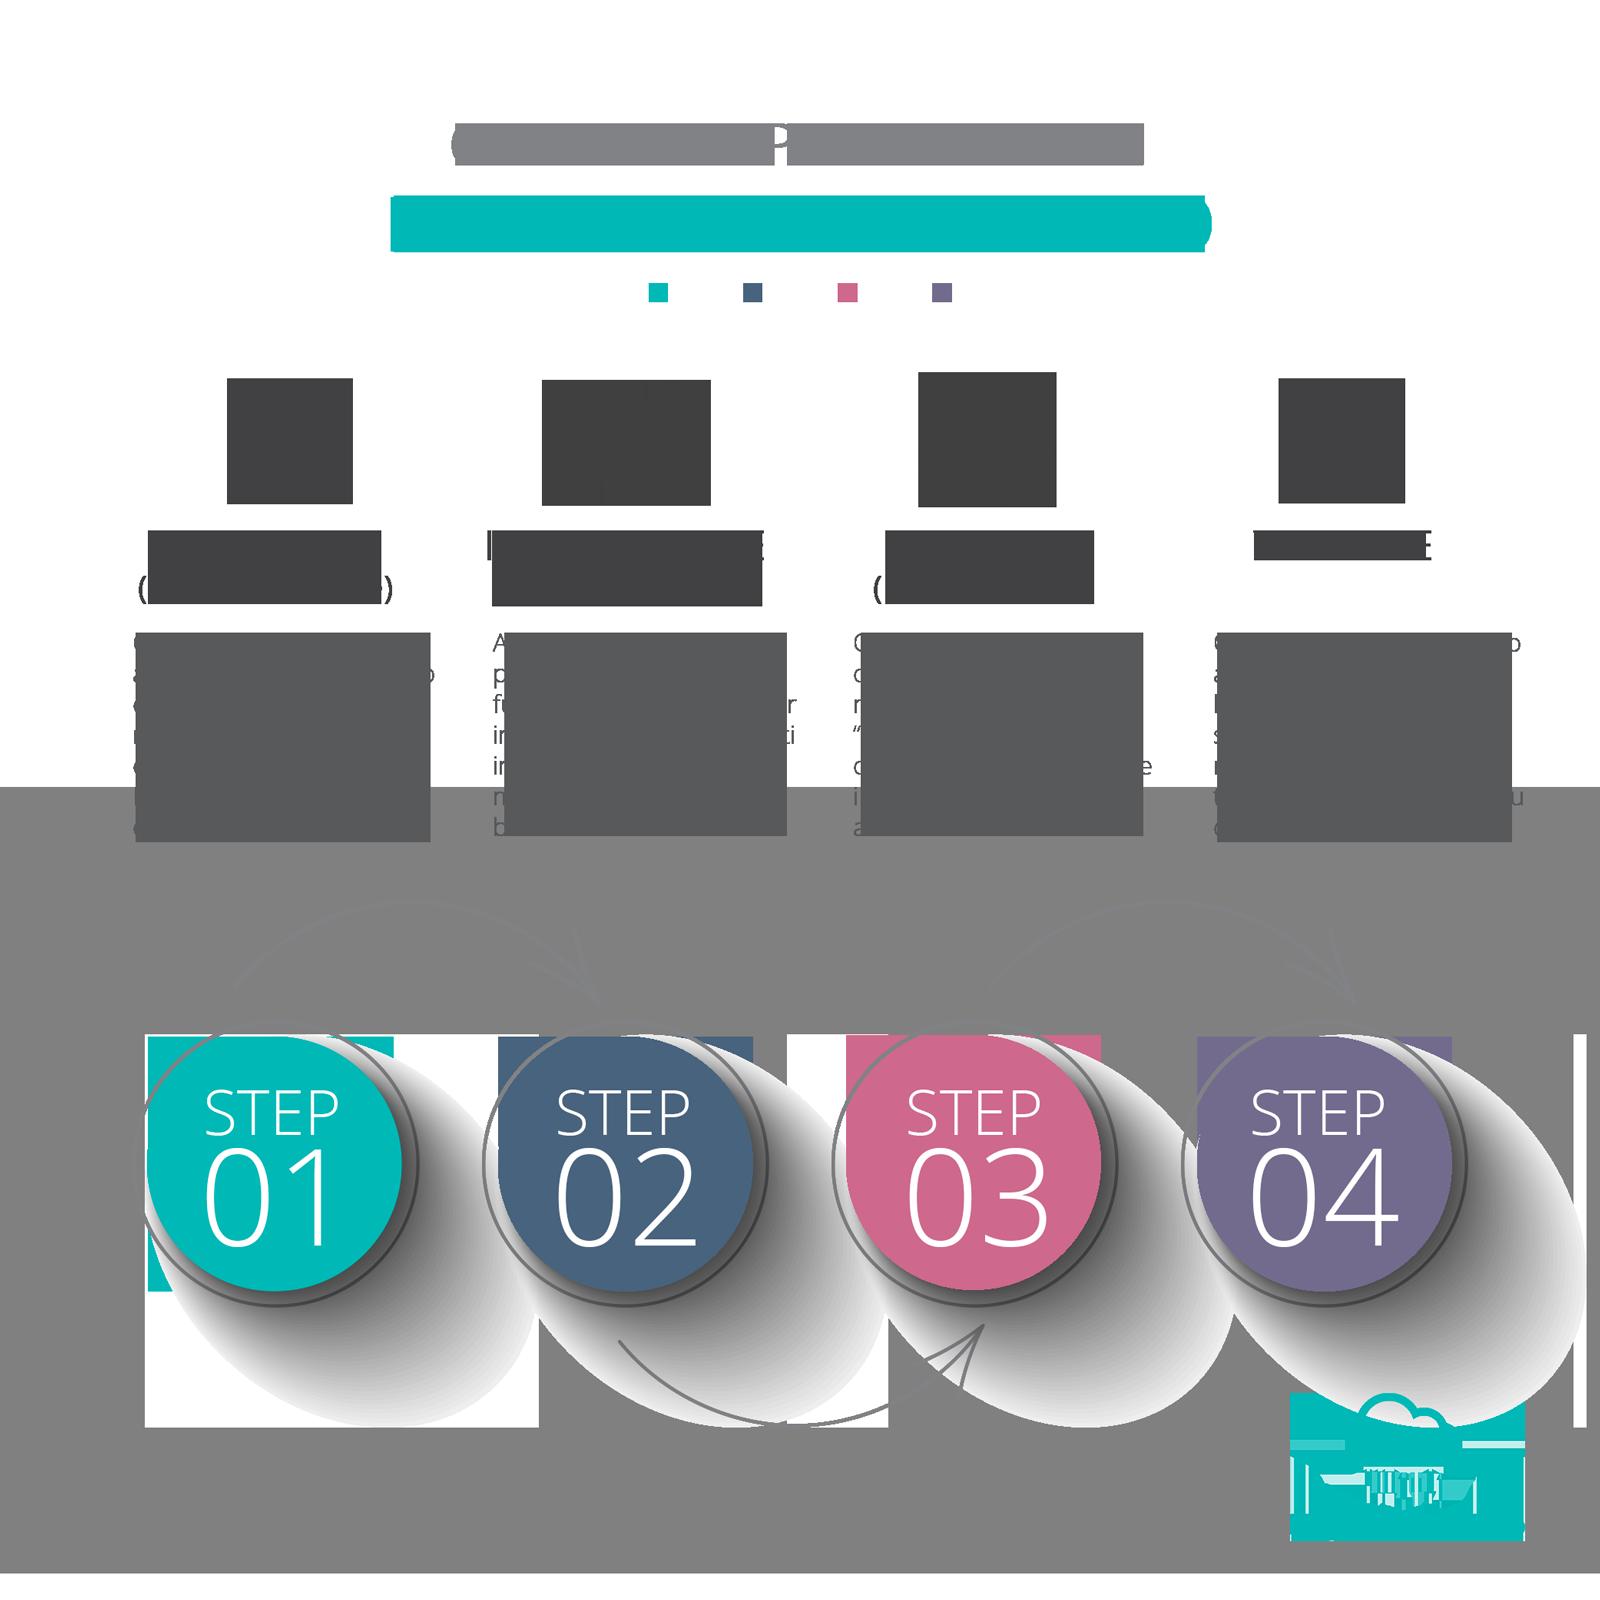 https://www.negozioperfetto.it/wp-content/uploads/2018/02/app-magazzino-perfetto-autocodifica.png